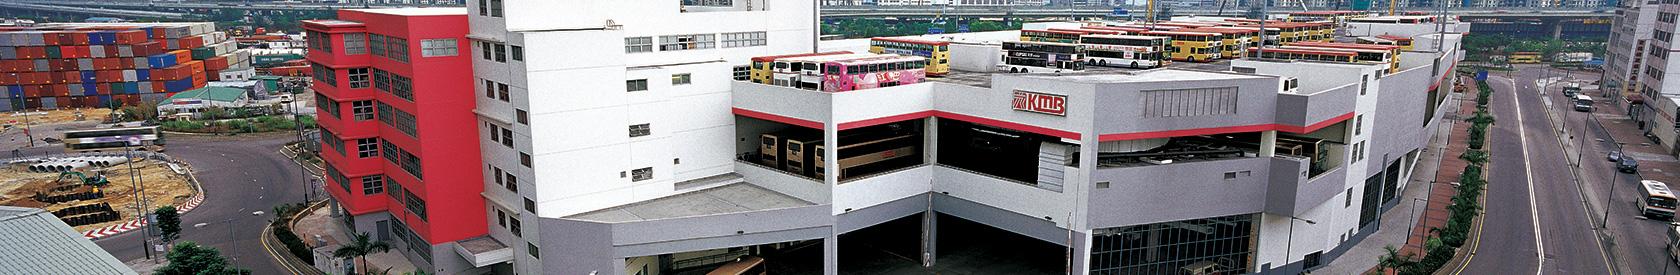 9月19日 參觀九巴荔枝角車廠